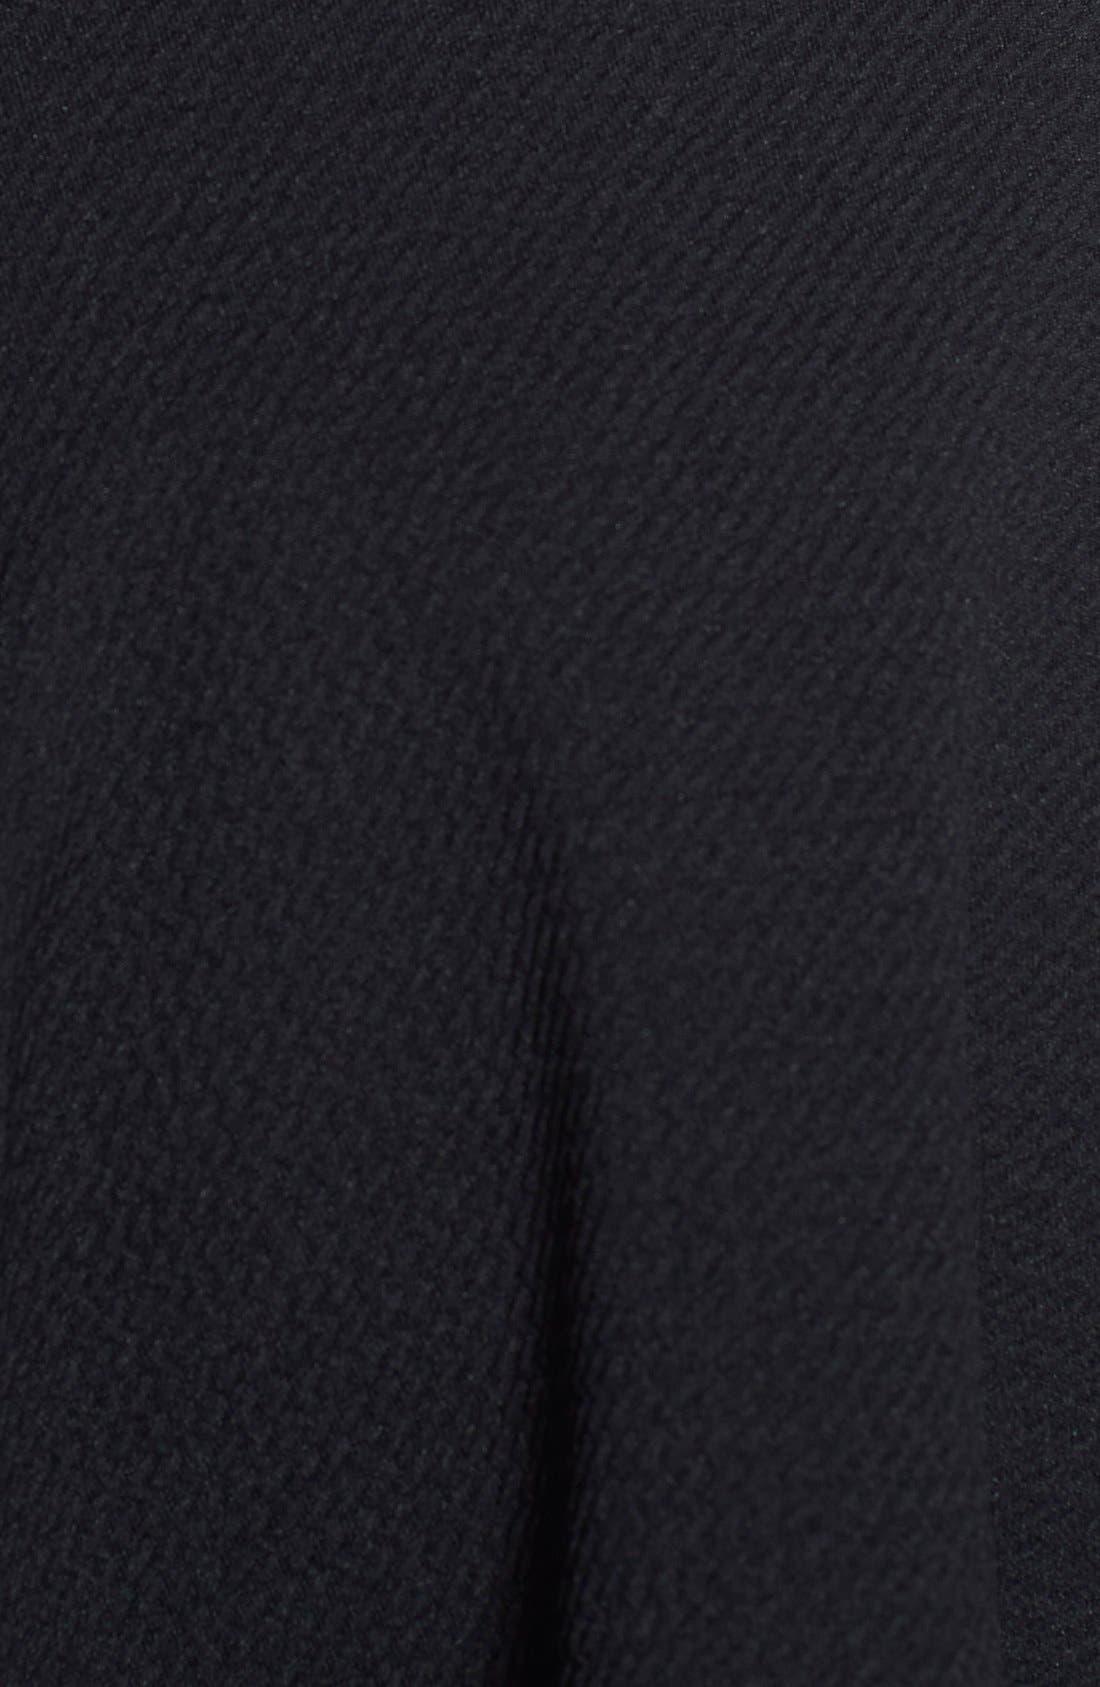 Textured Skater Skirt,                             Alternate thumbnail 3, color,                             Black